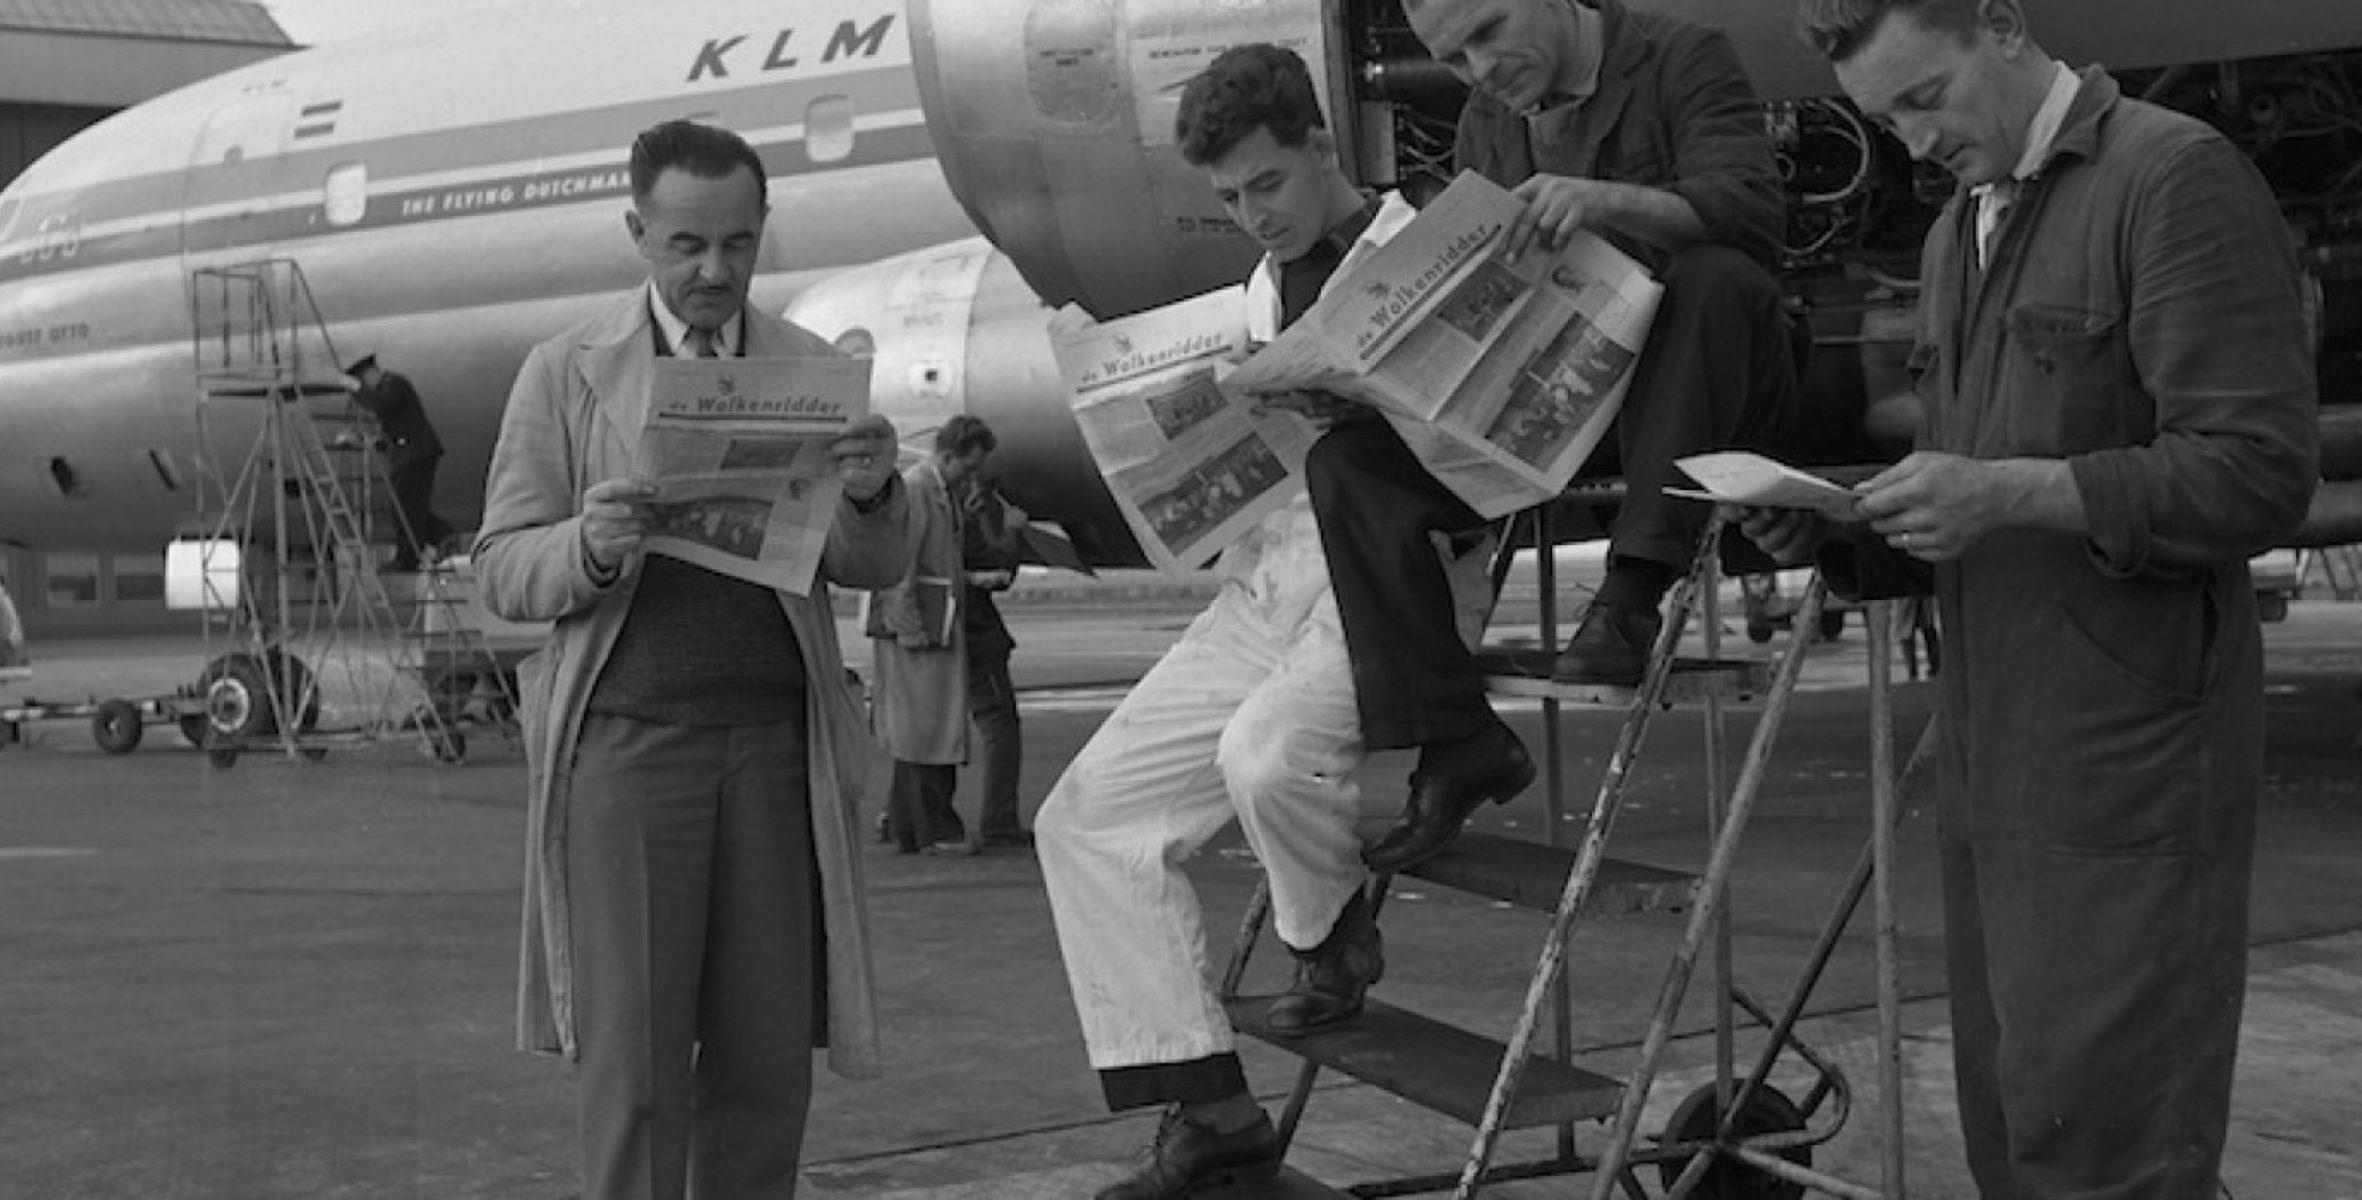 KLM'ers lezen het personeelsmagazine De Wolkenridder